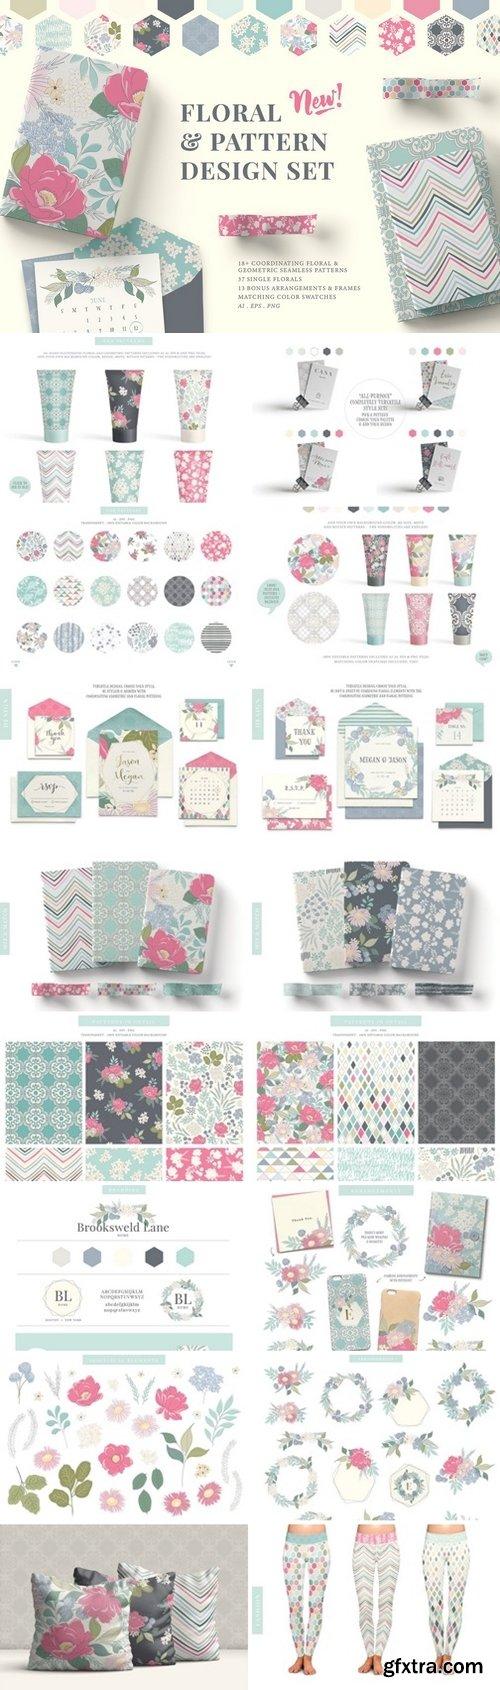 CM - Floral & Pattern Design Set 2584197